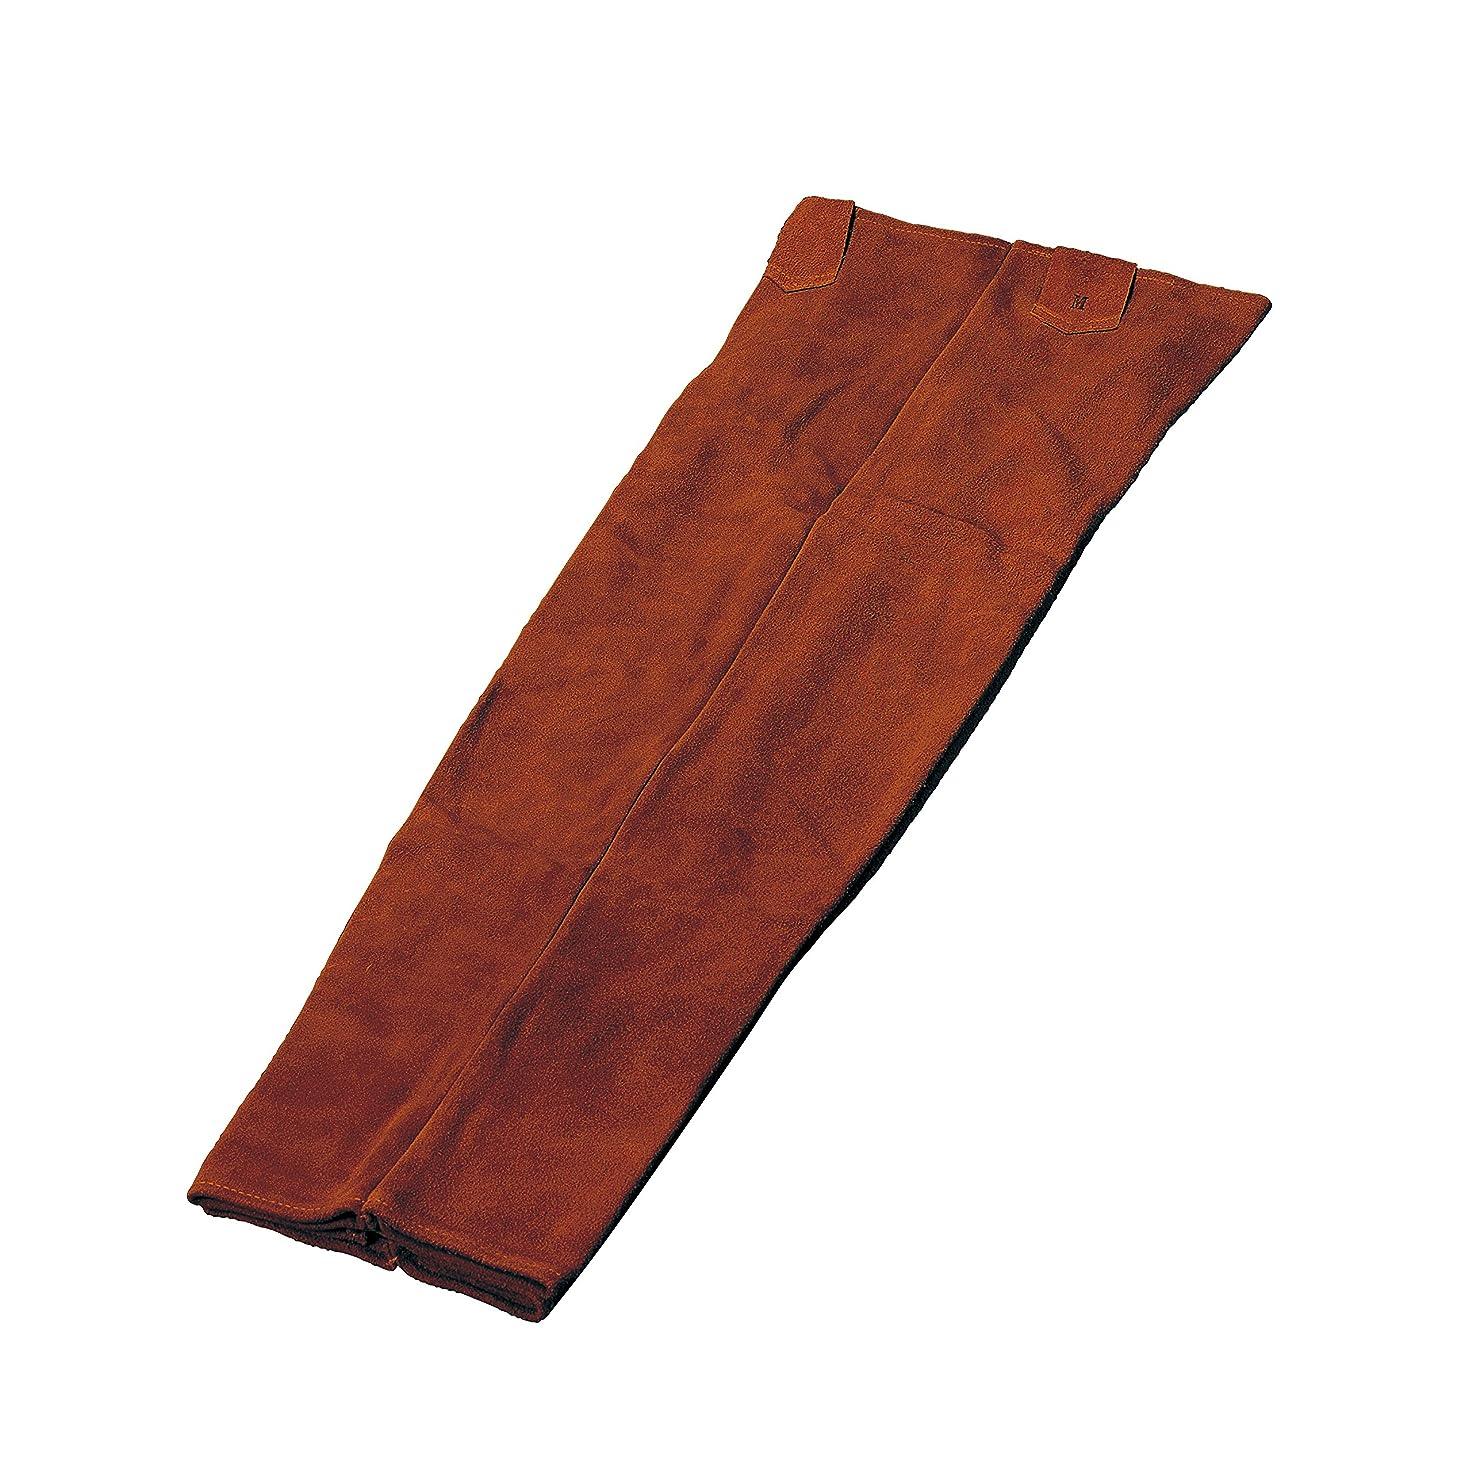 無効機密懐疑的ブラウン本革 床革ズボン 溶接用作業着 溶接用ズボン Lから4Lサイズ (LL)